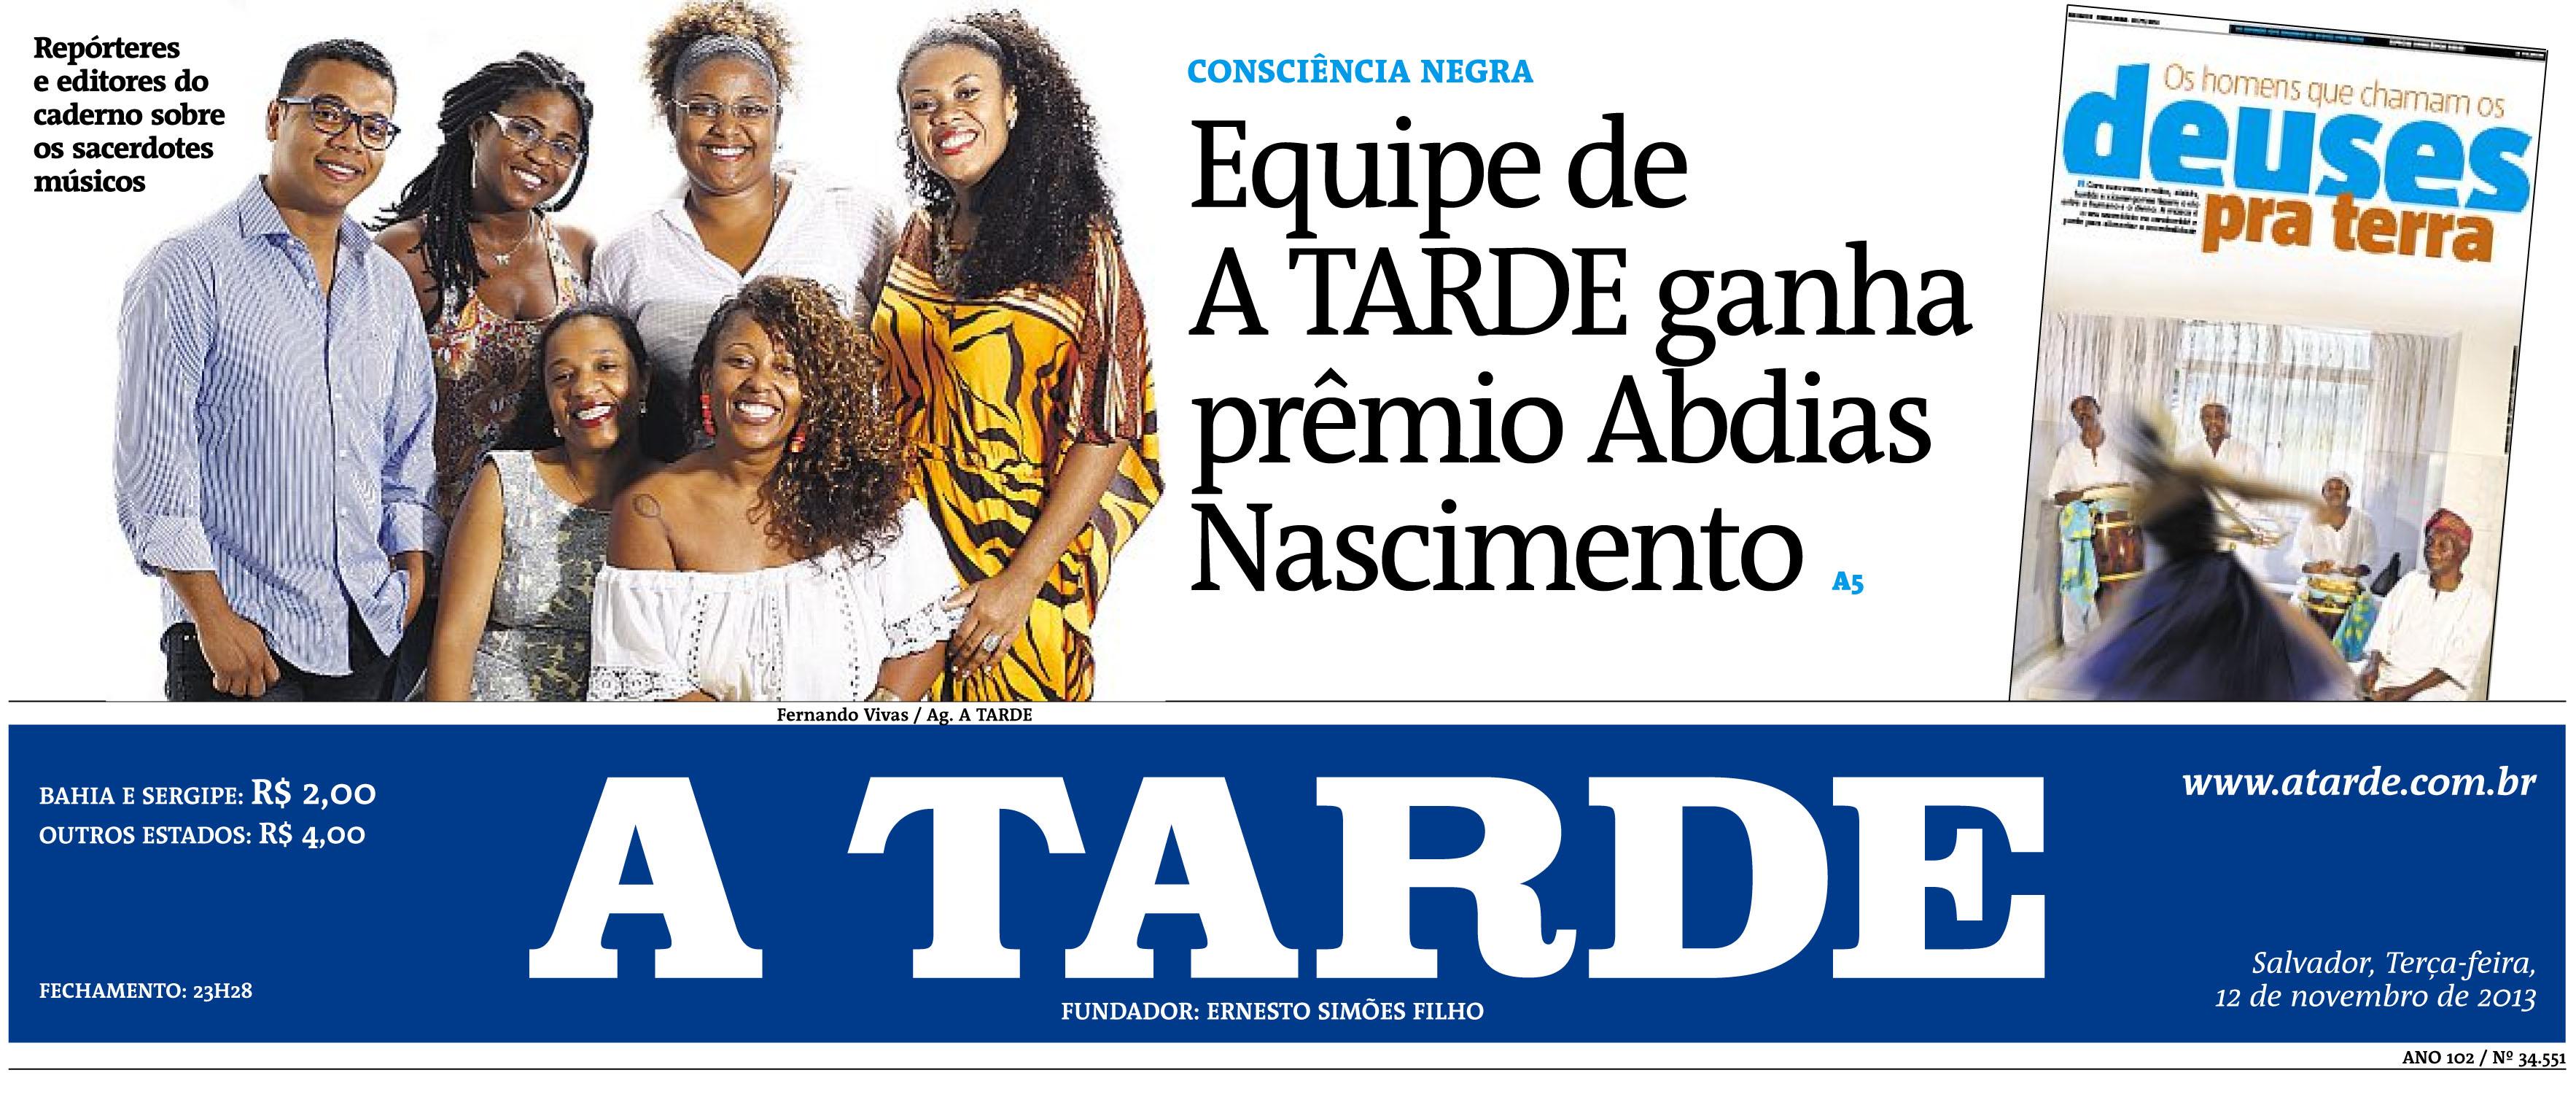 Equipe De A TARDE Conquista Prmio Abdias Do Nascimento